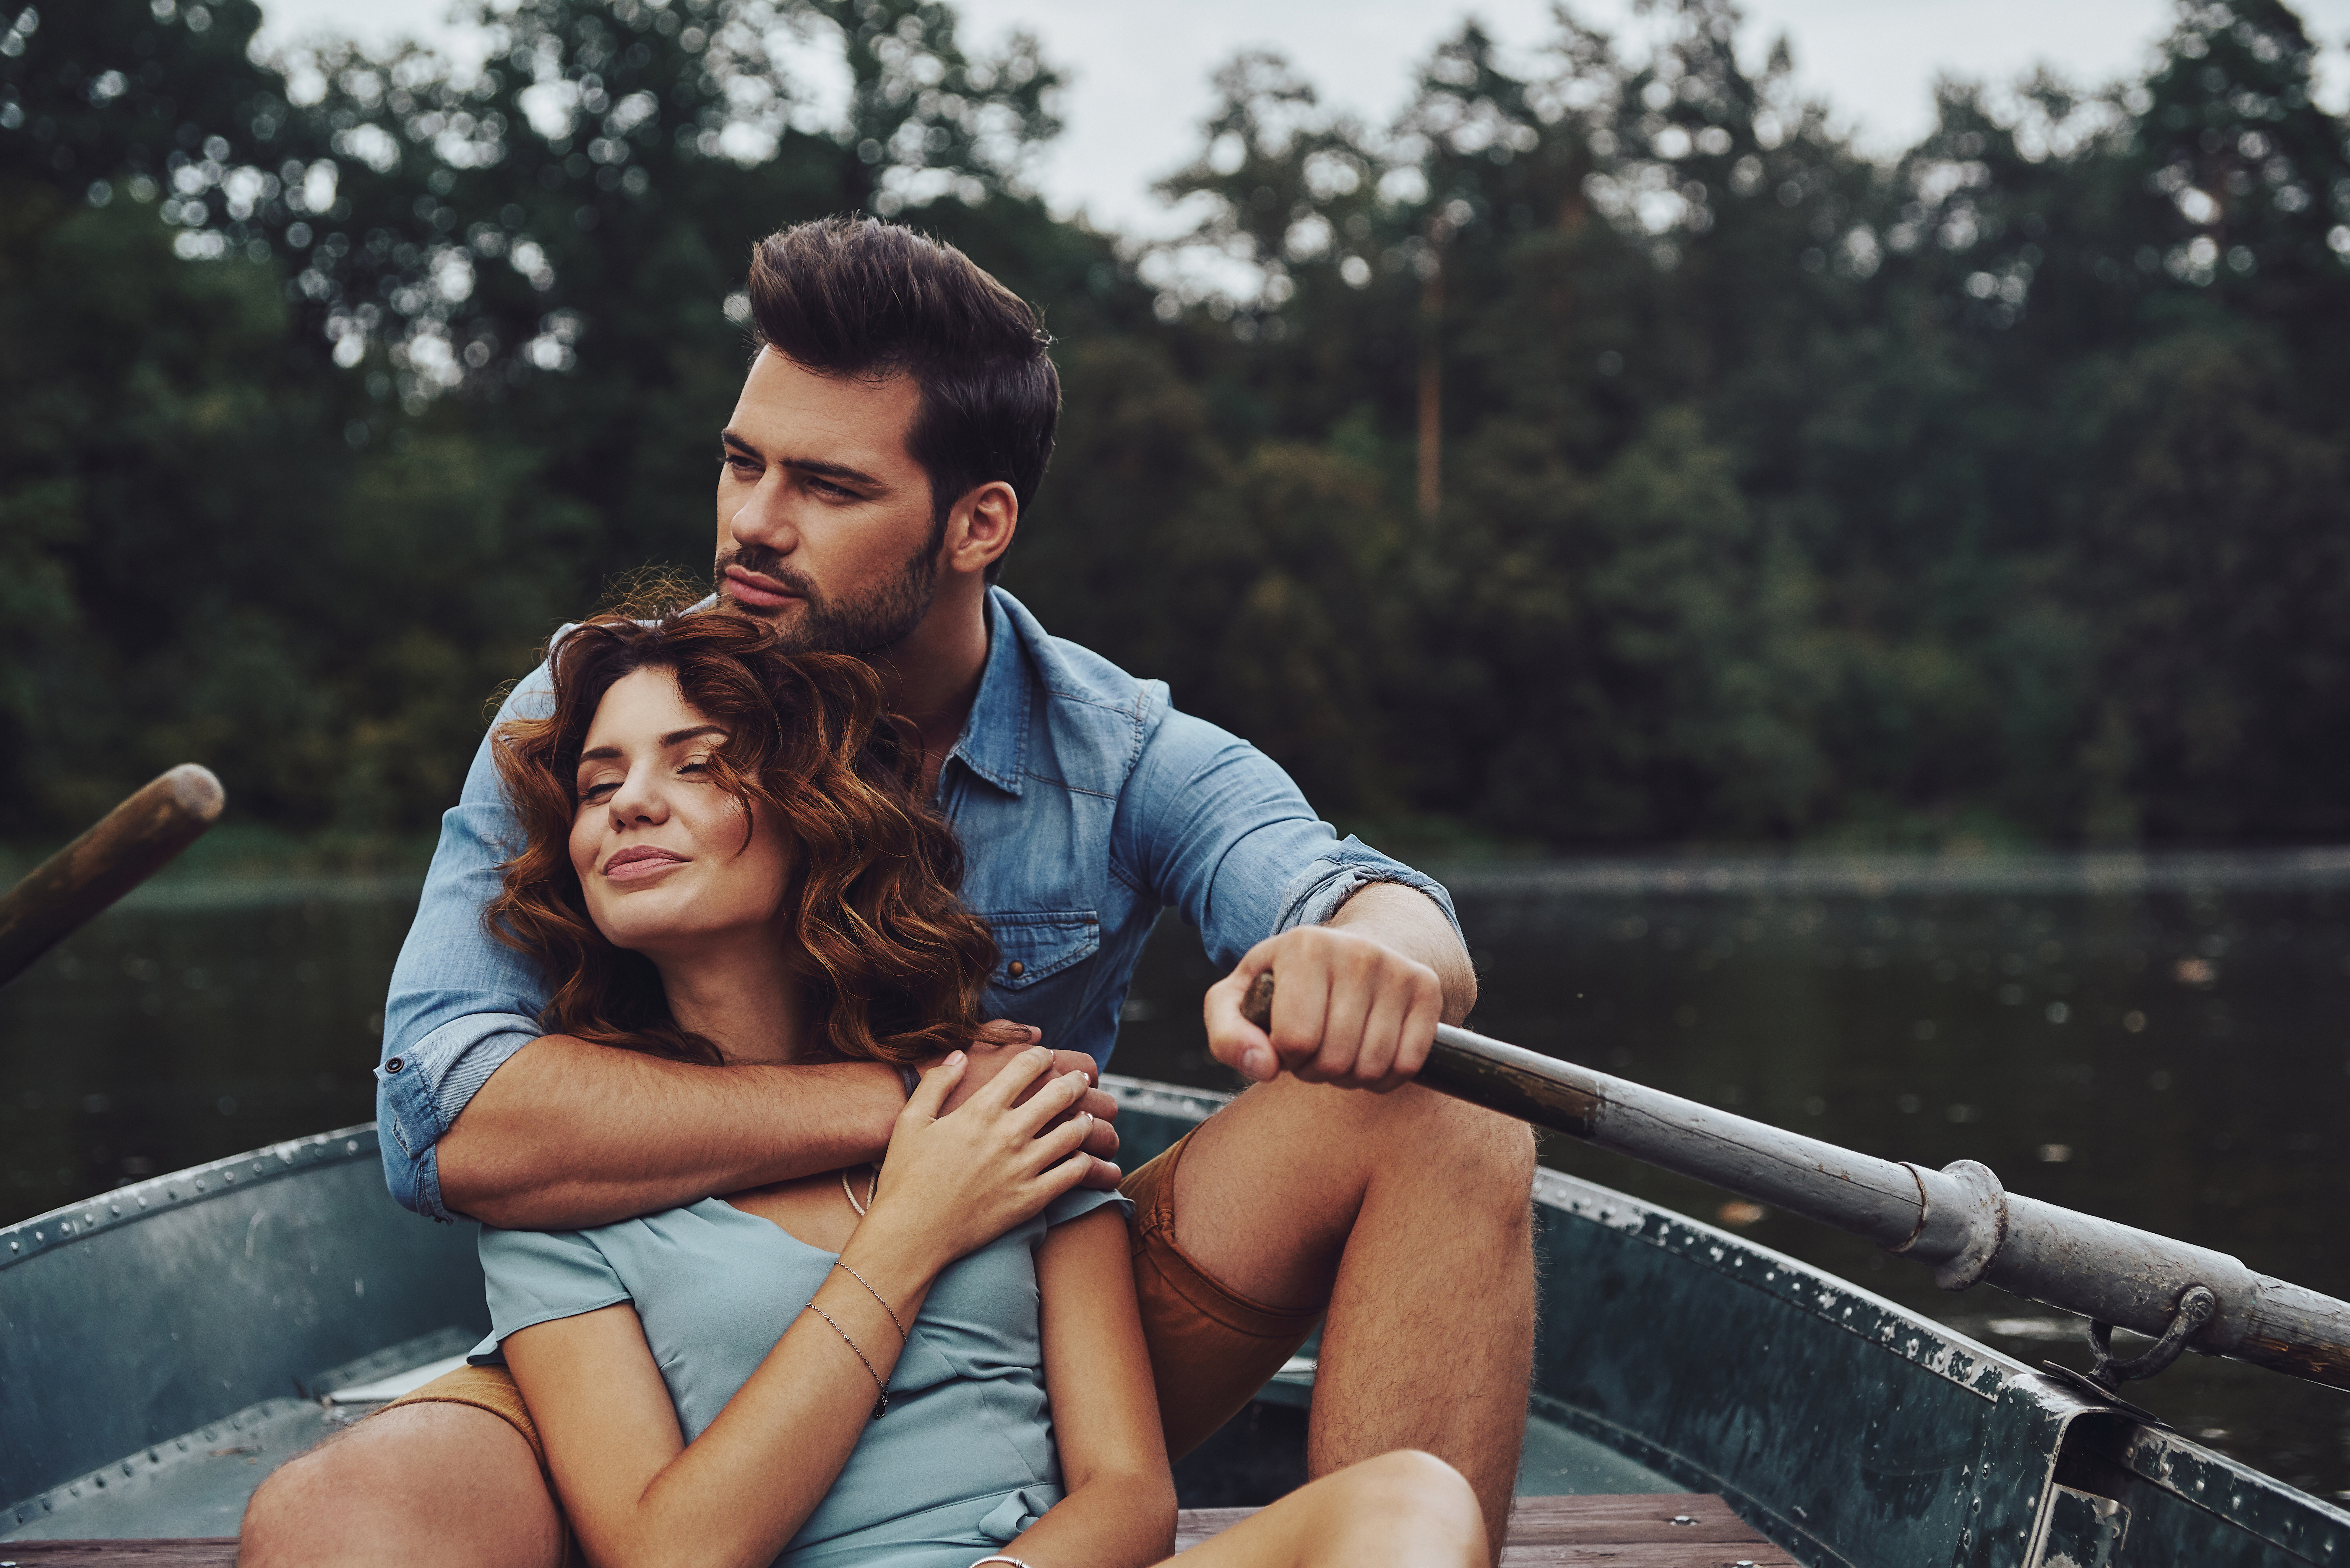 šťastný zamilovaný pár na lodi